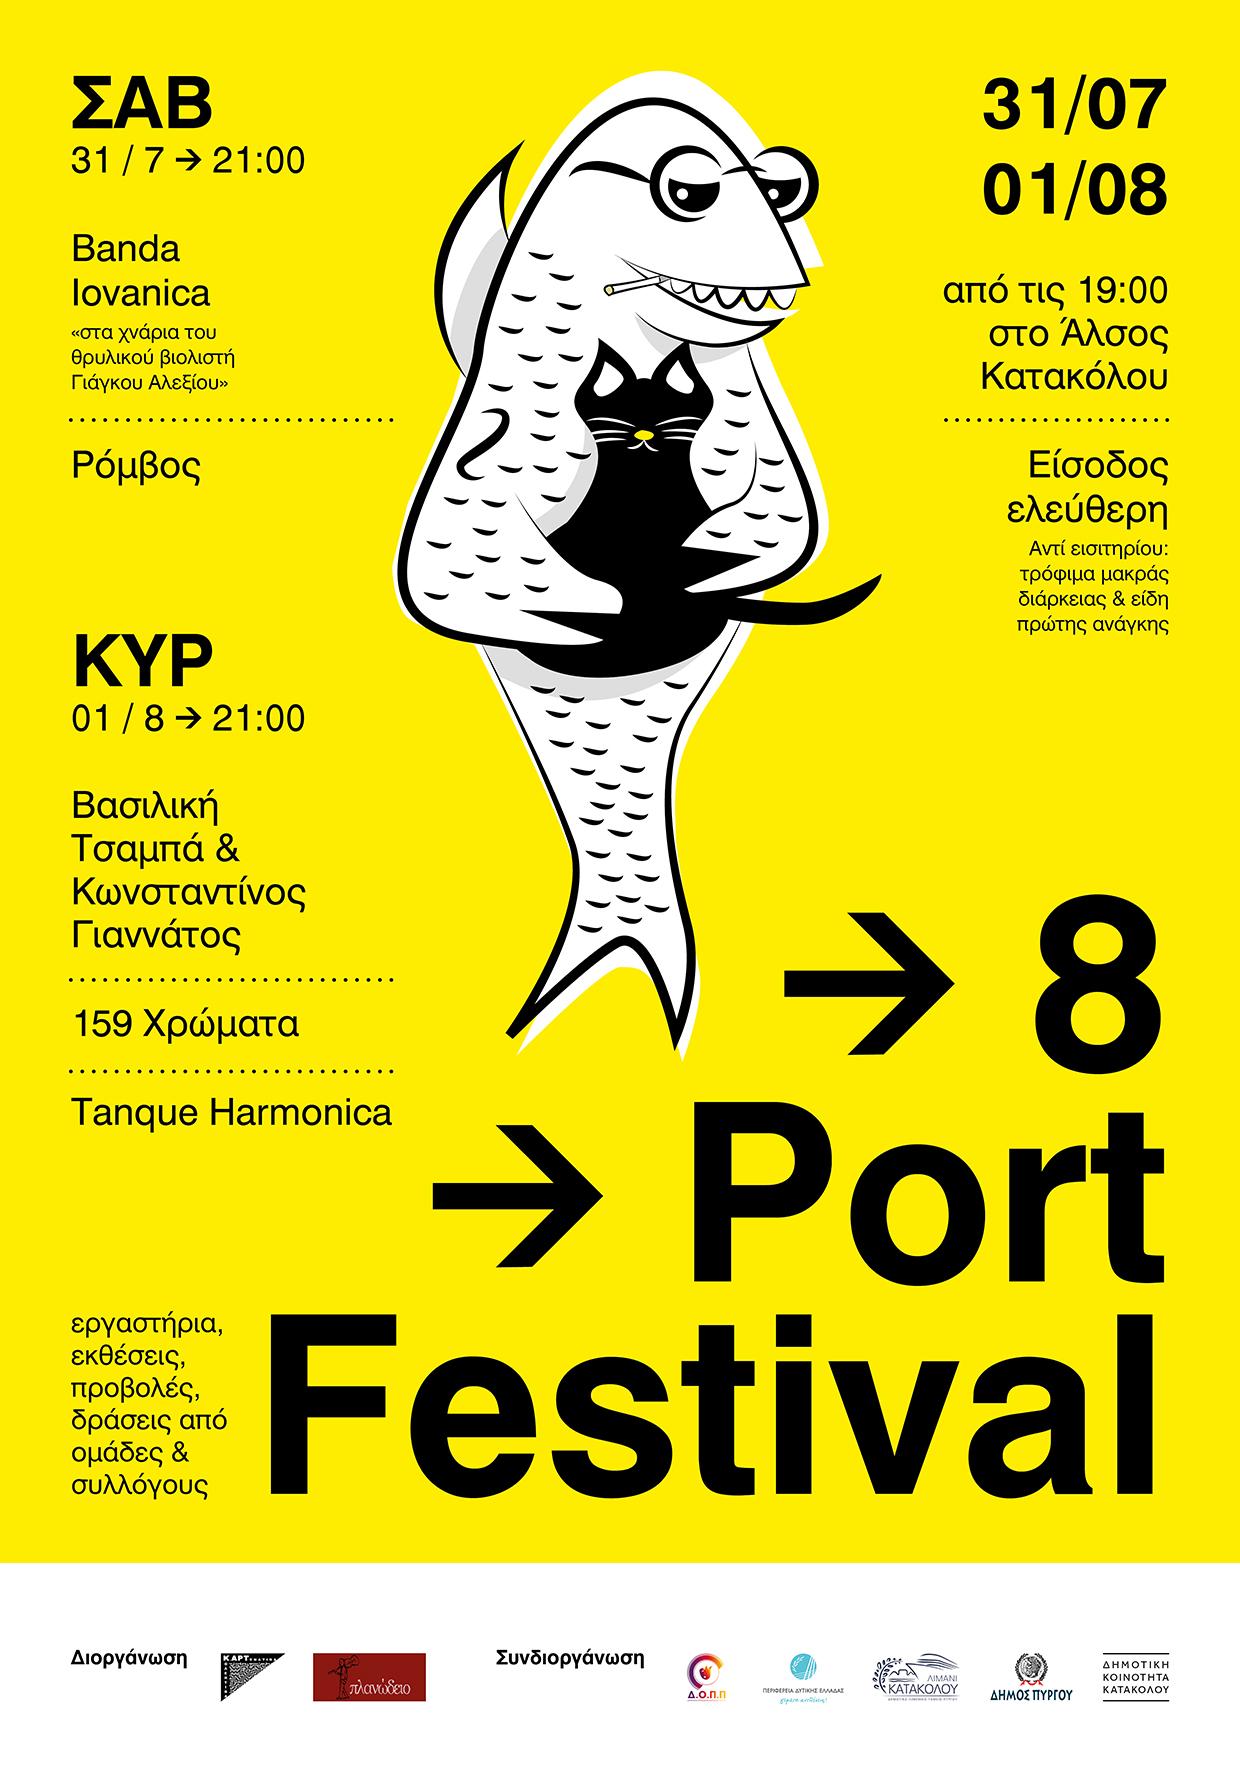 8ο Port Festival: Η γιορτή του λιμανιού επιστρέφει στο Κατάκολο!  -Σάββατο 31/7 & Κυριακή 1/8, από τις 19:00, με ελεύθερη είσοδο και προσφορά ειδών πρώτης ανάγκης- Το πρόγραμμα